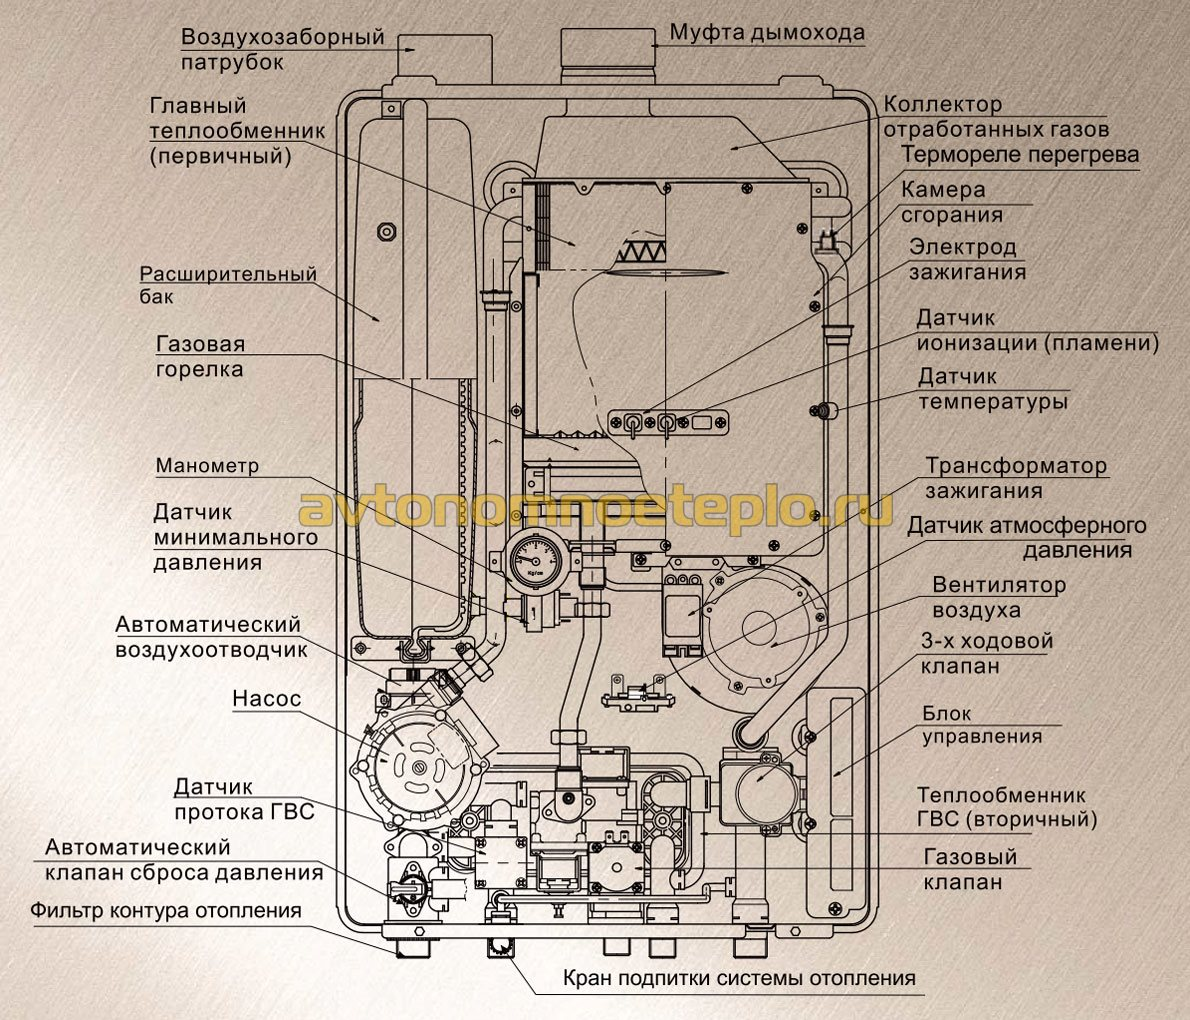 Снять теплообменник самостоятельно с газового котла селтик обвязка бака с теплообменником в бане